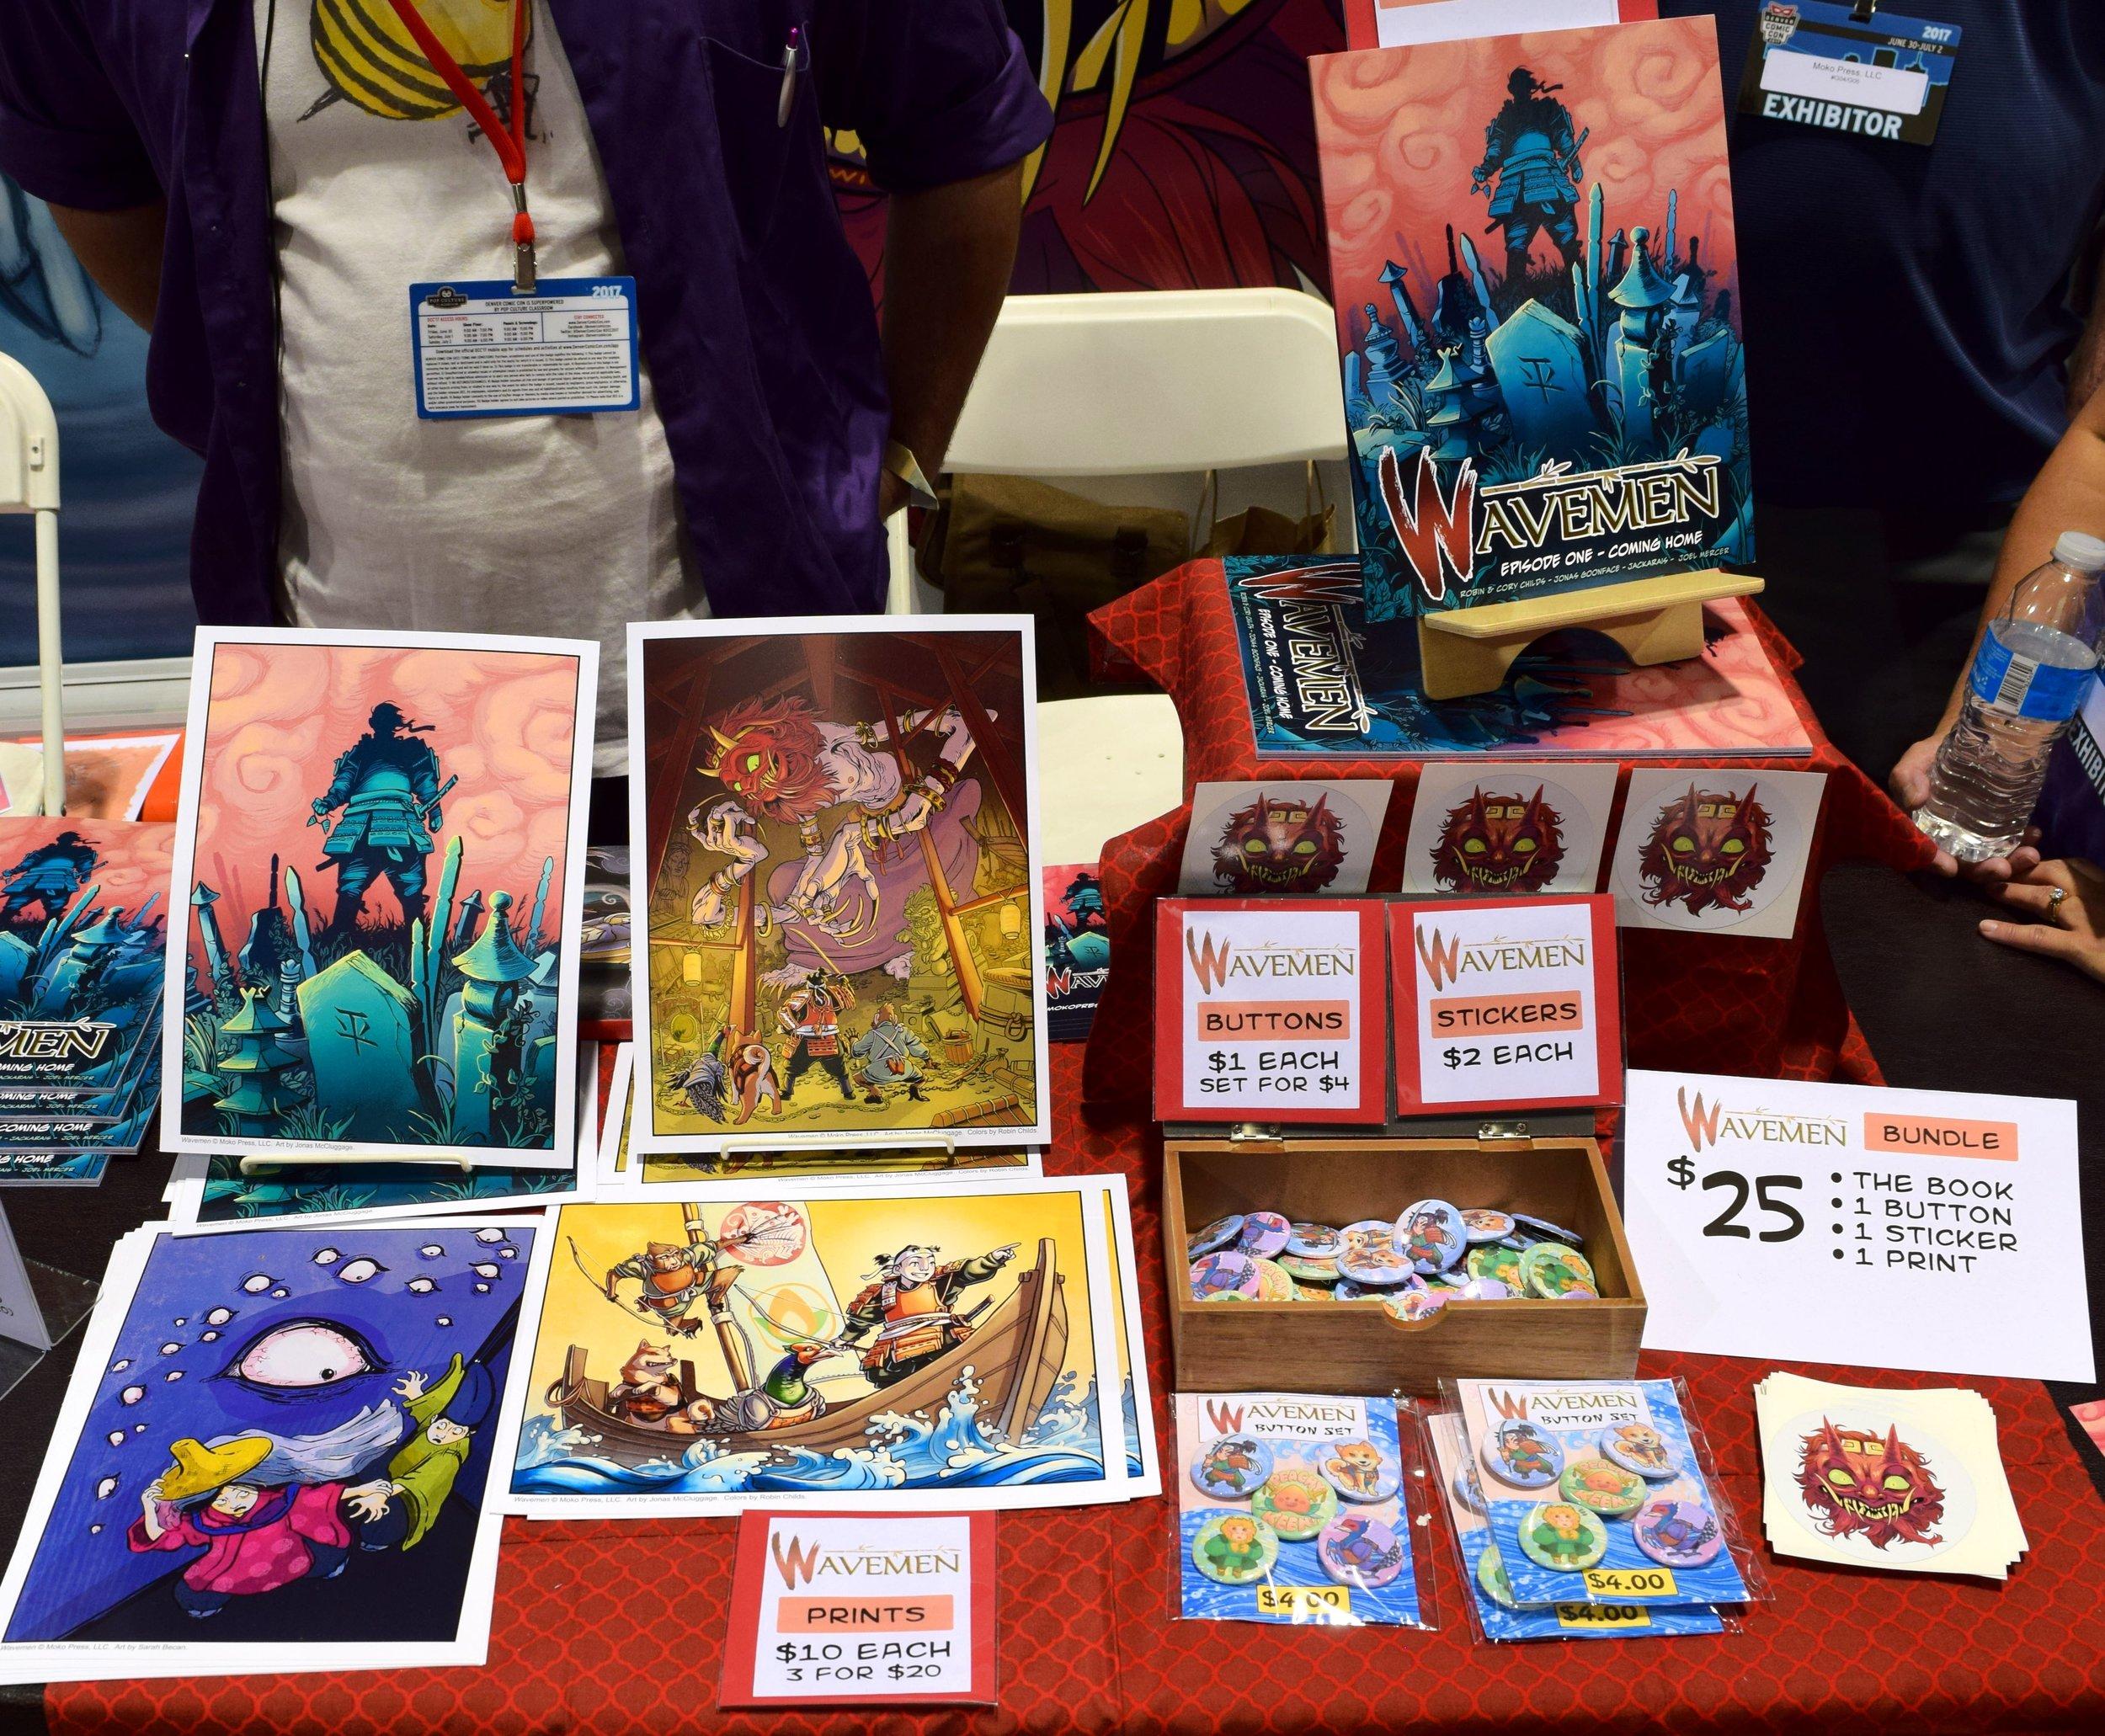 Wavemen comics and prints at Denver Comic Con 2017.